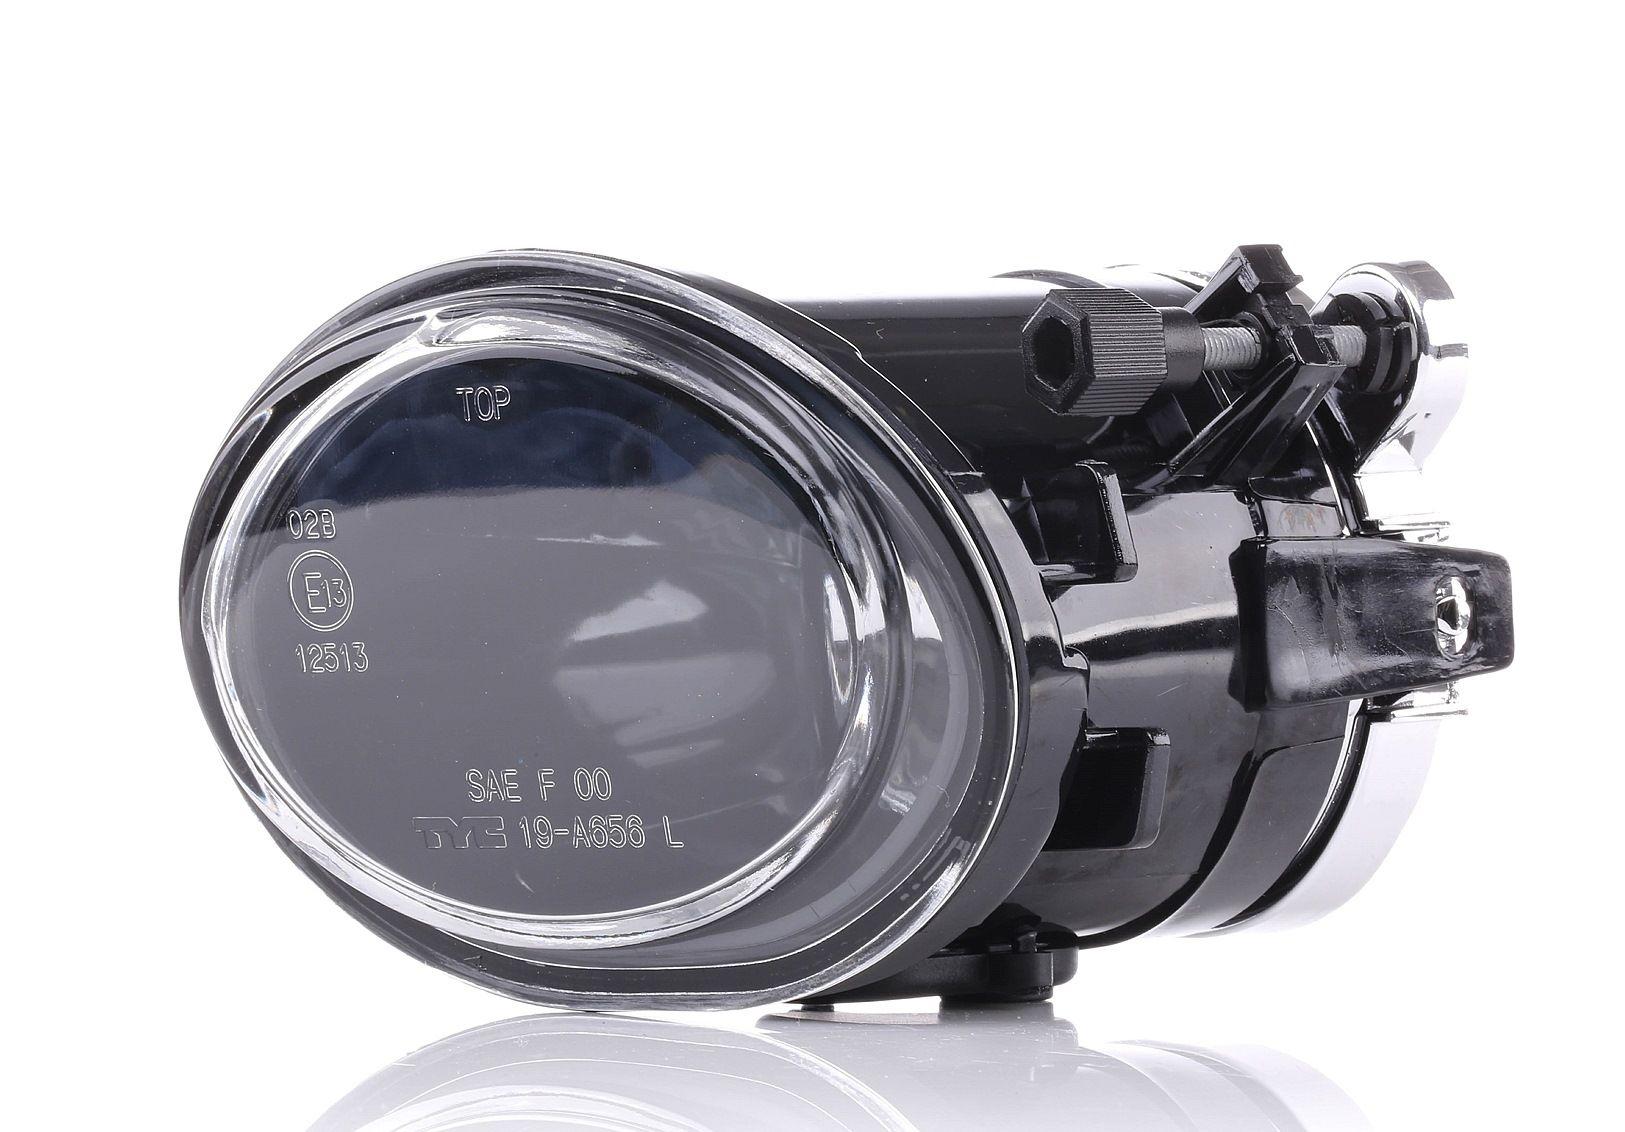 Nebelleuchte 19-0656-01-9 rund um die Uhr online kaufen